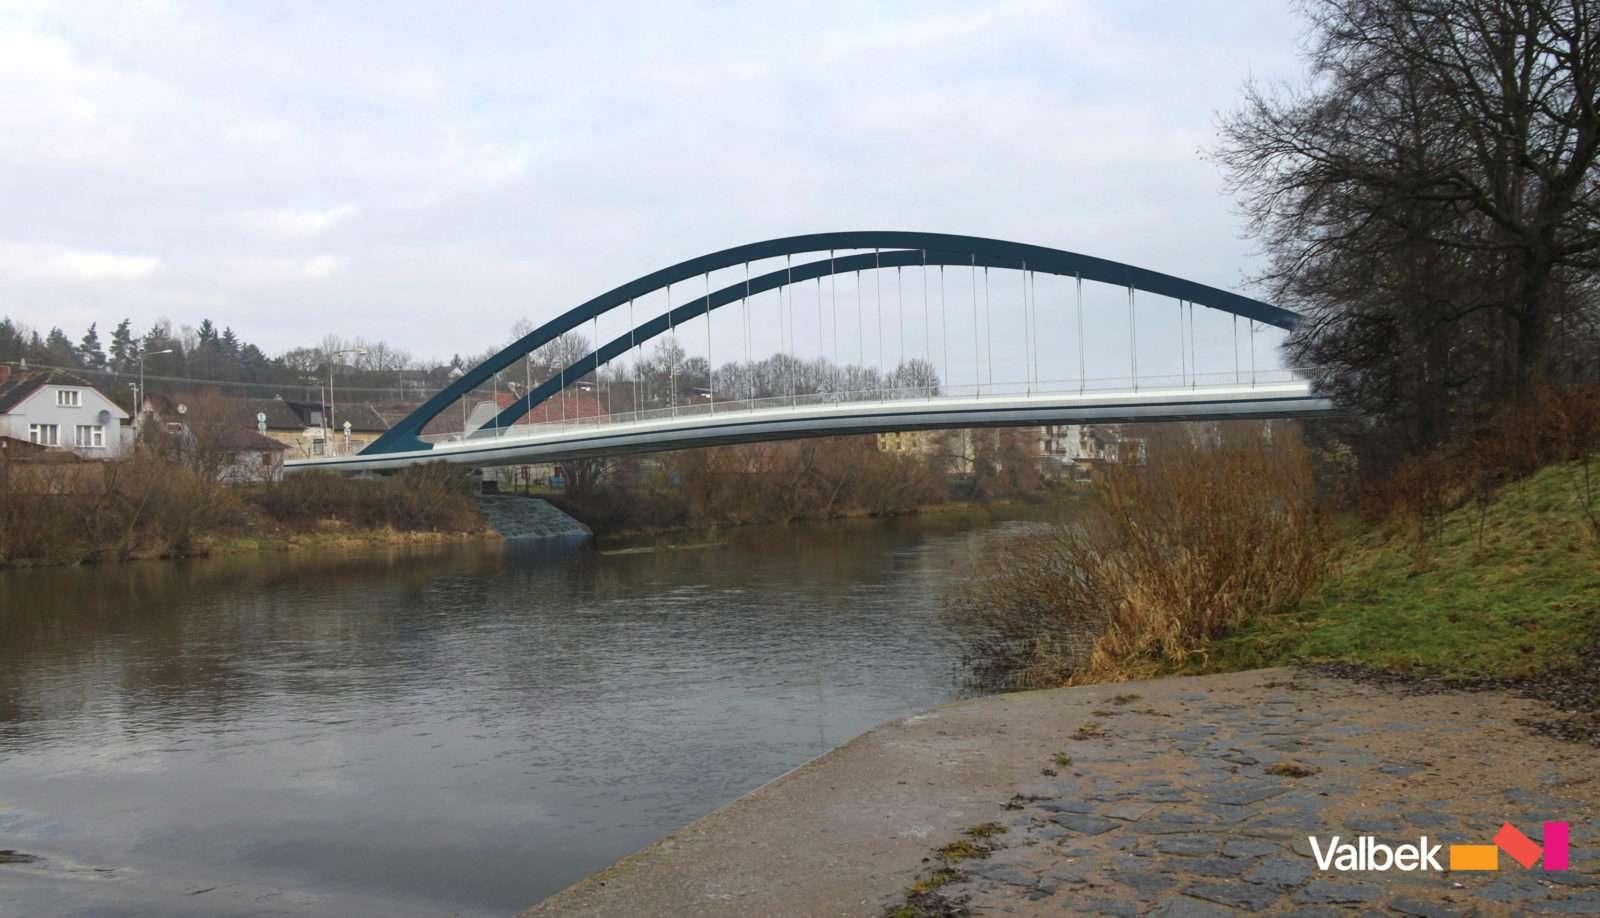 Stavba mostu ve Svinarech je v plném proudu